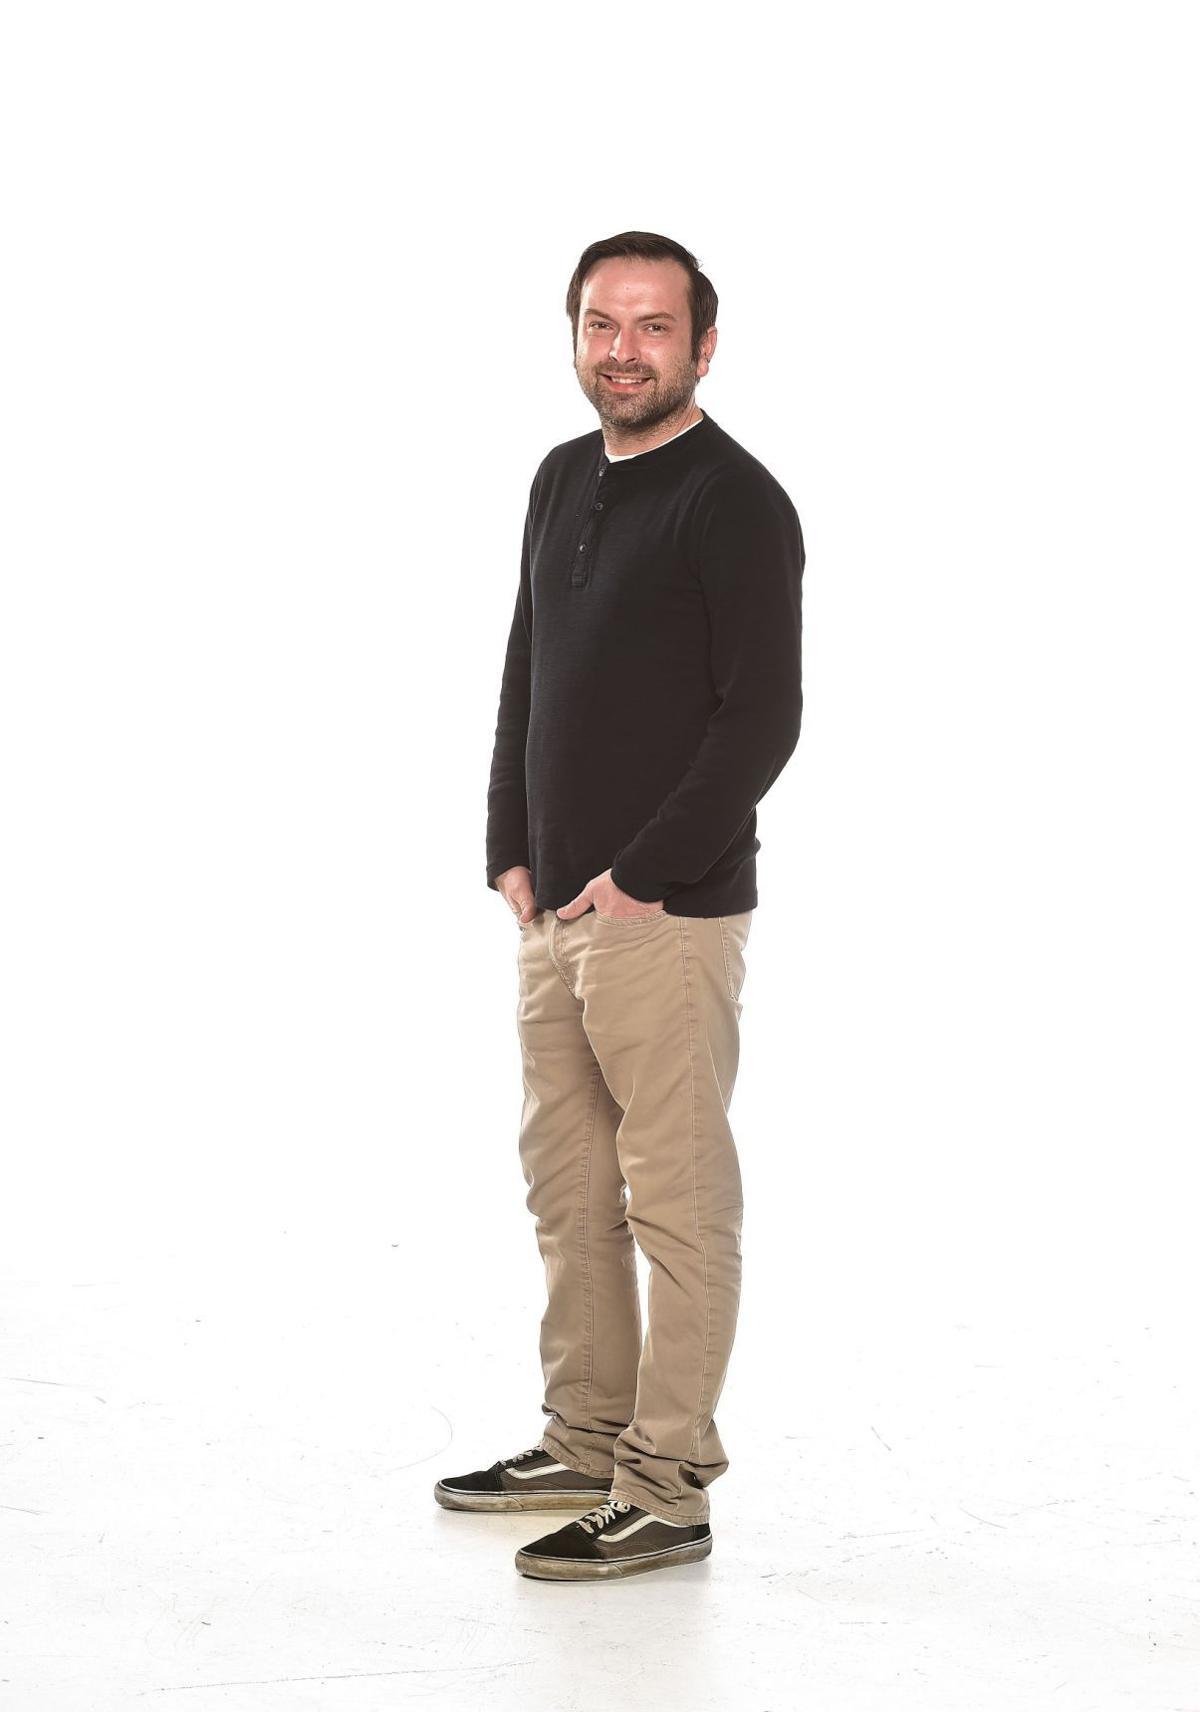 Matt Pipinich Billings Business